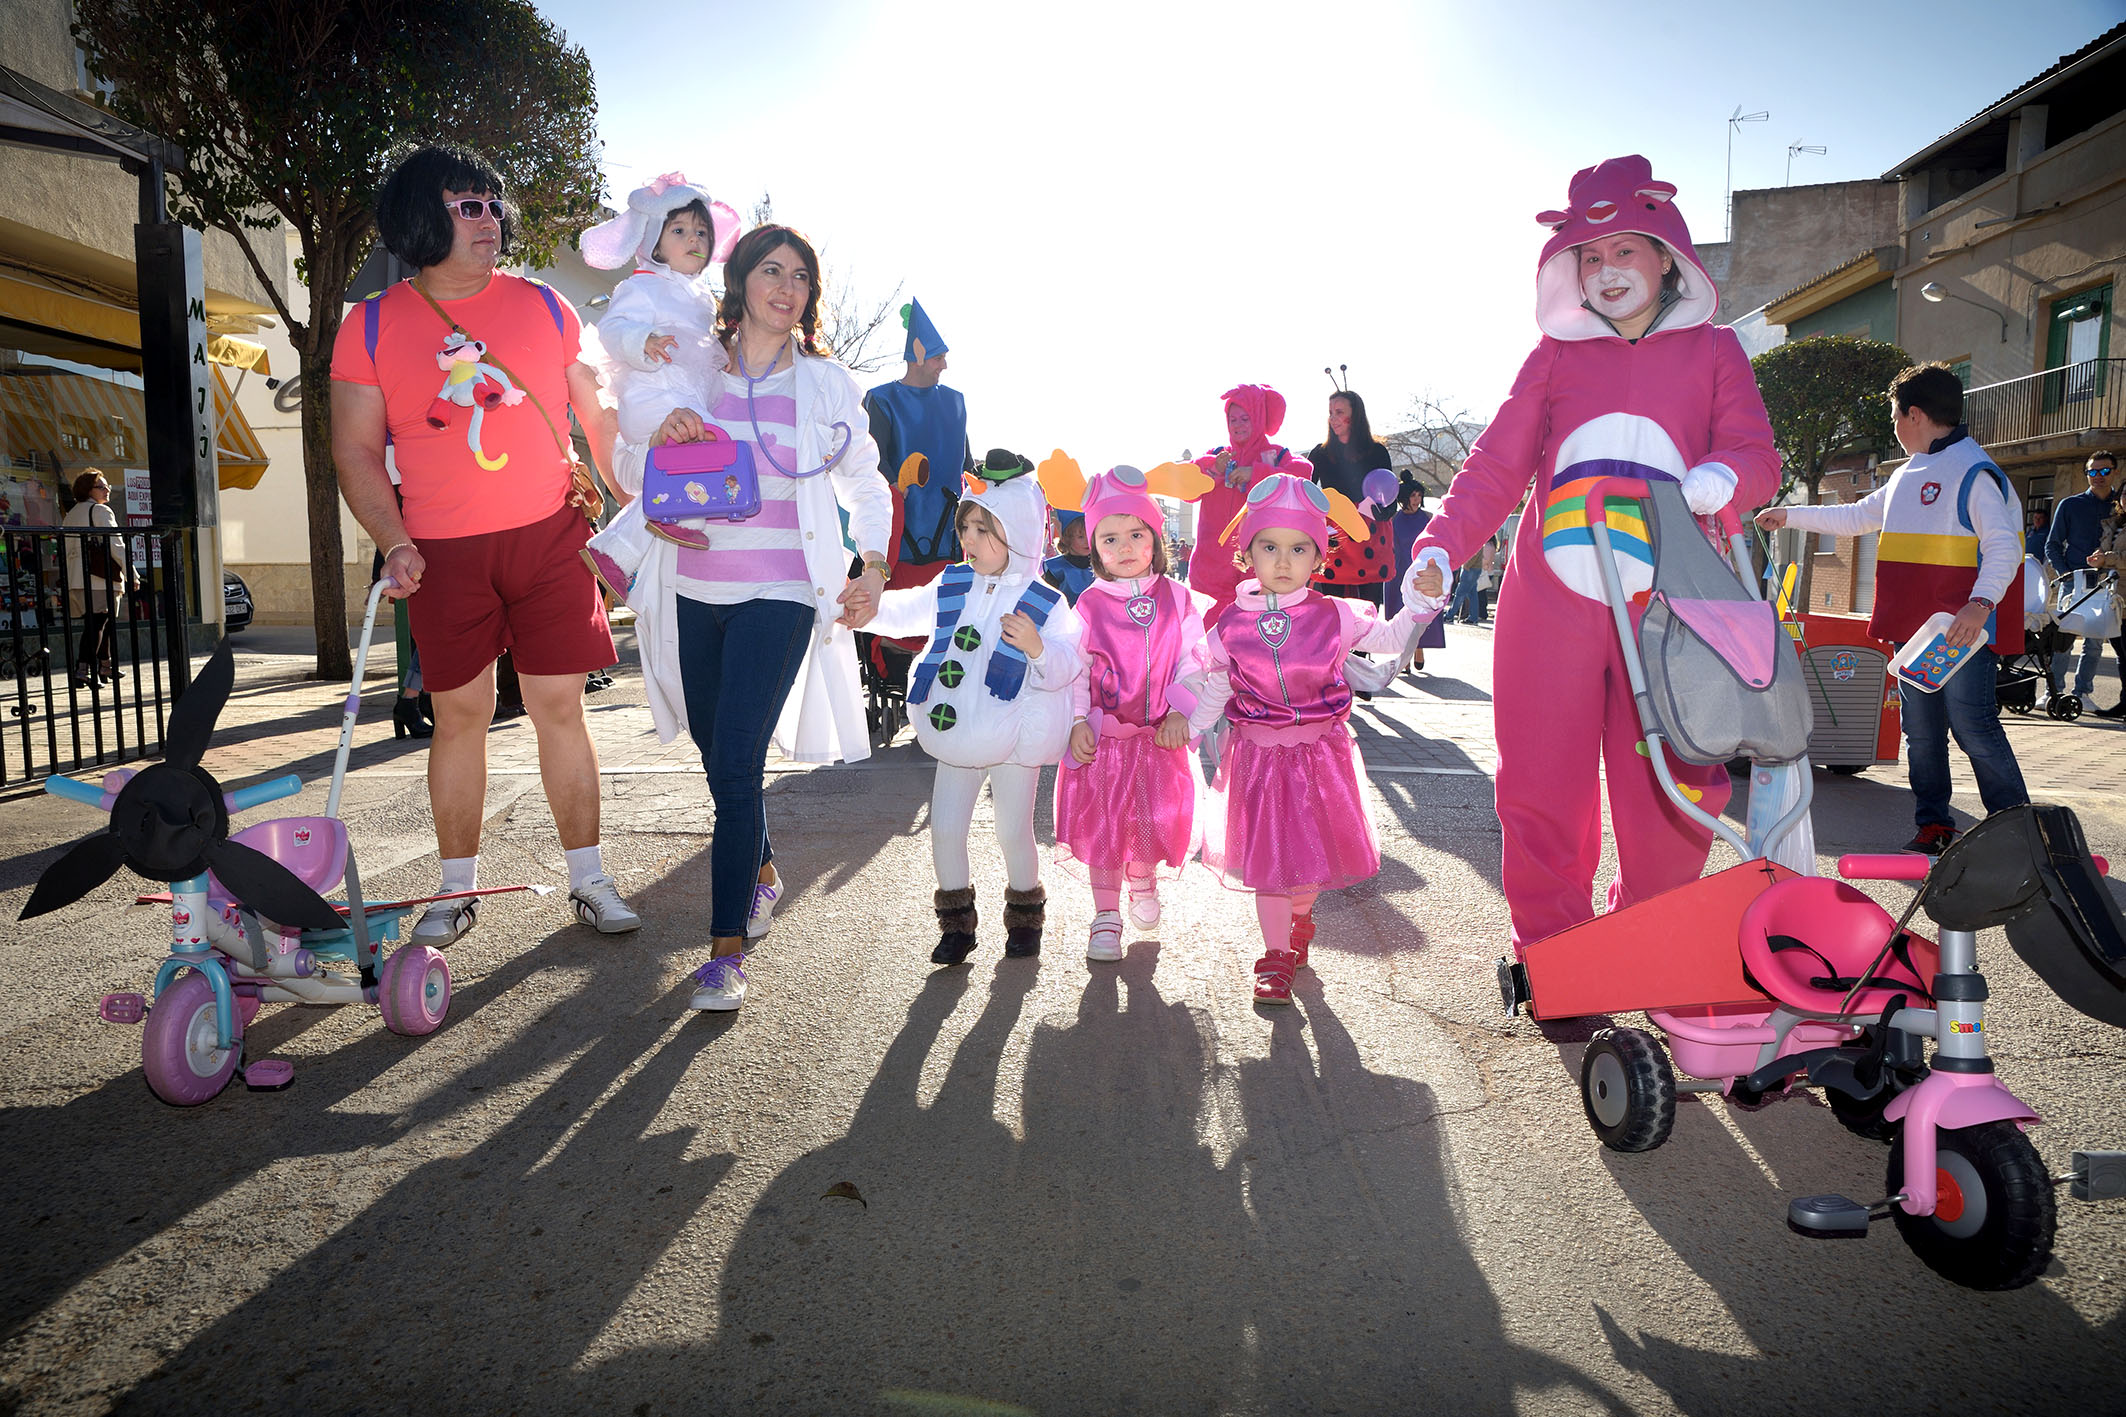 Los niños y niñas de Argamasilla de Alba tomaron la calle con el Desfile de Comparsas Infantiles